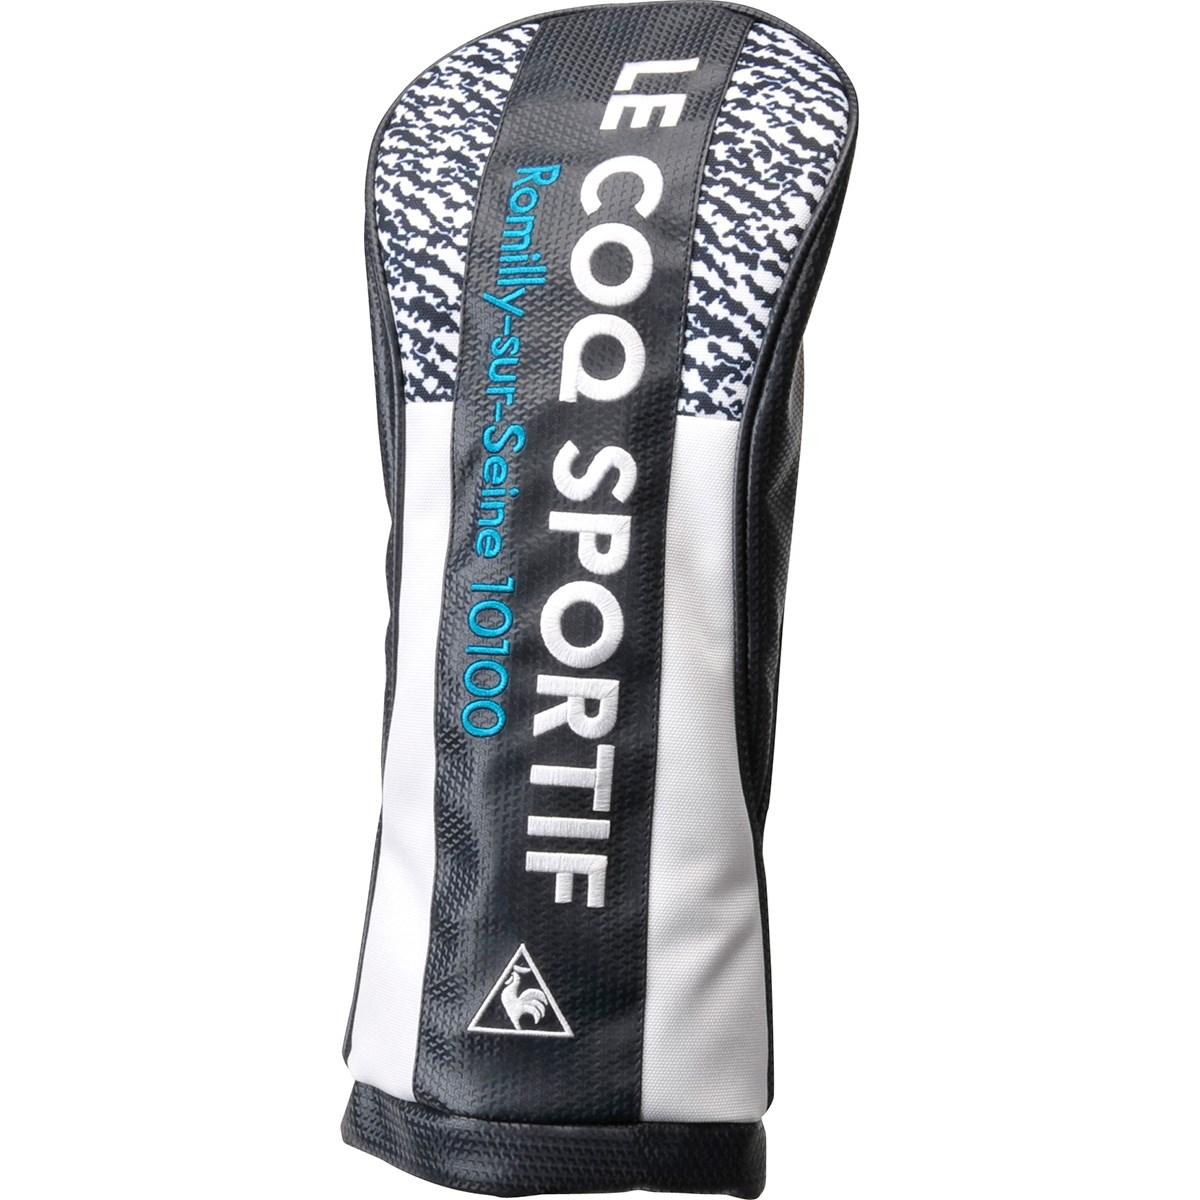 [2020年モデル] ルコックゴルフ Le coq sportif GOLF ヘッドカバー DR用 ネイビー 00 メンズ